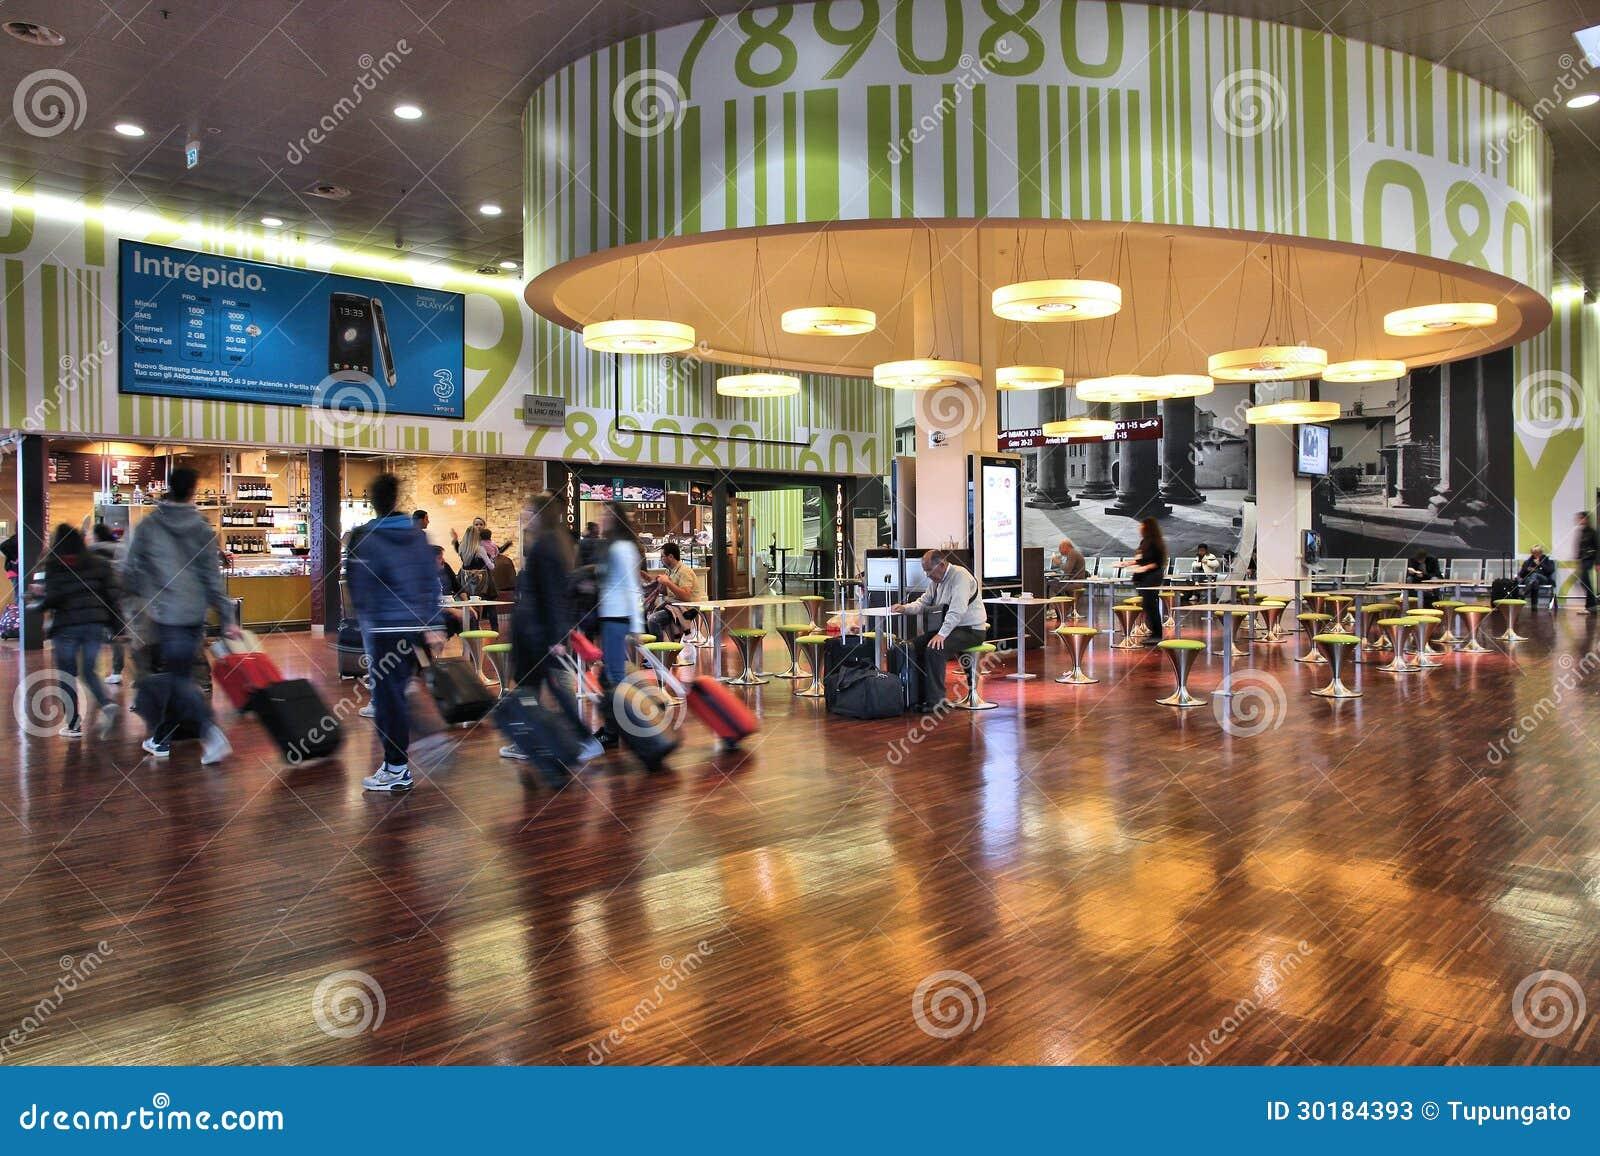 Aeroporto Bergamo : Aeroporto di bergamo fotografia stock editoriale